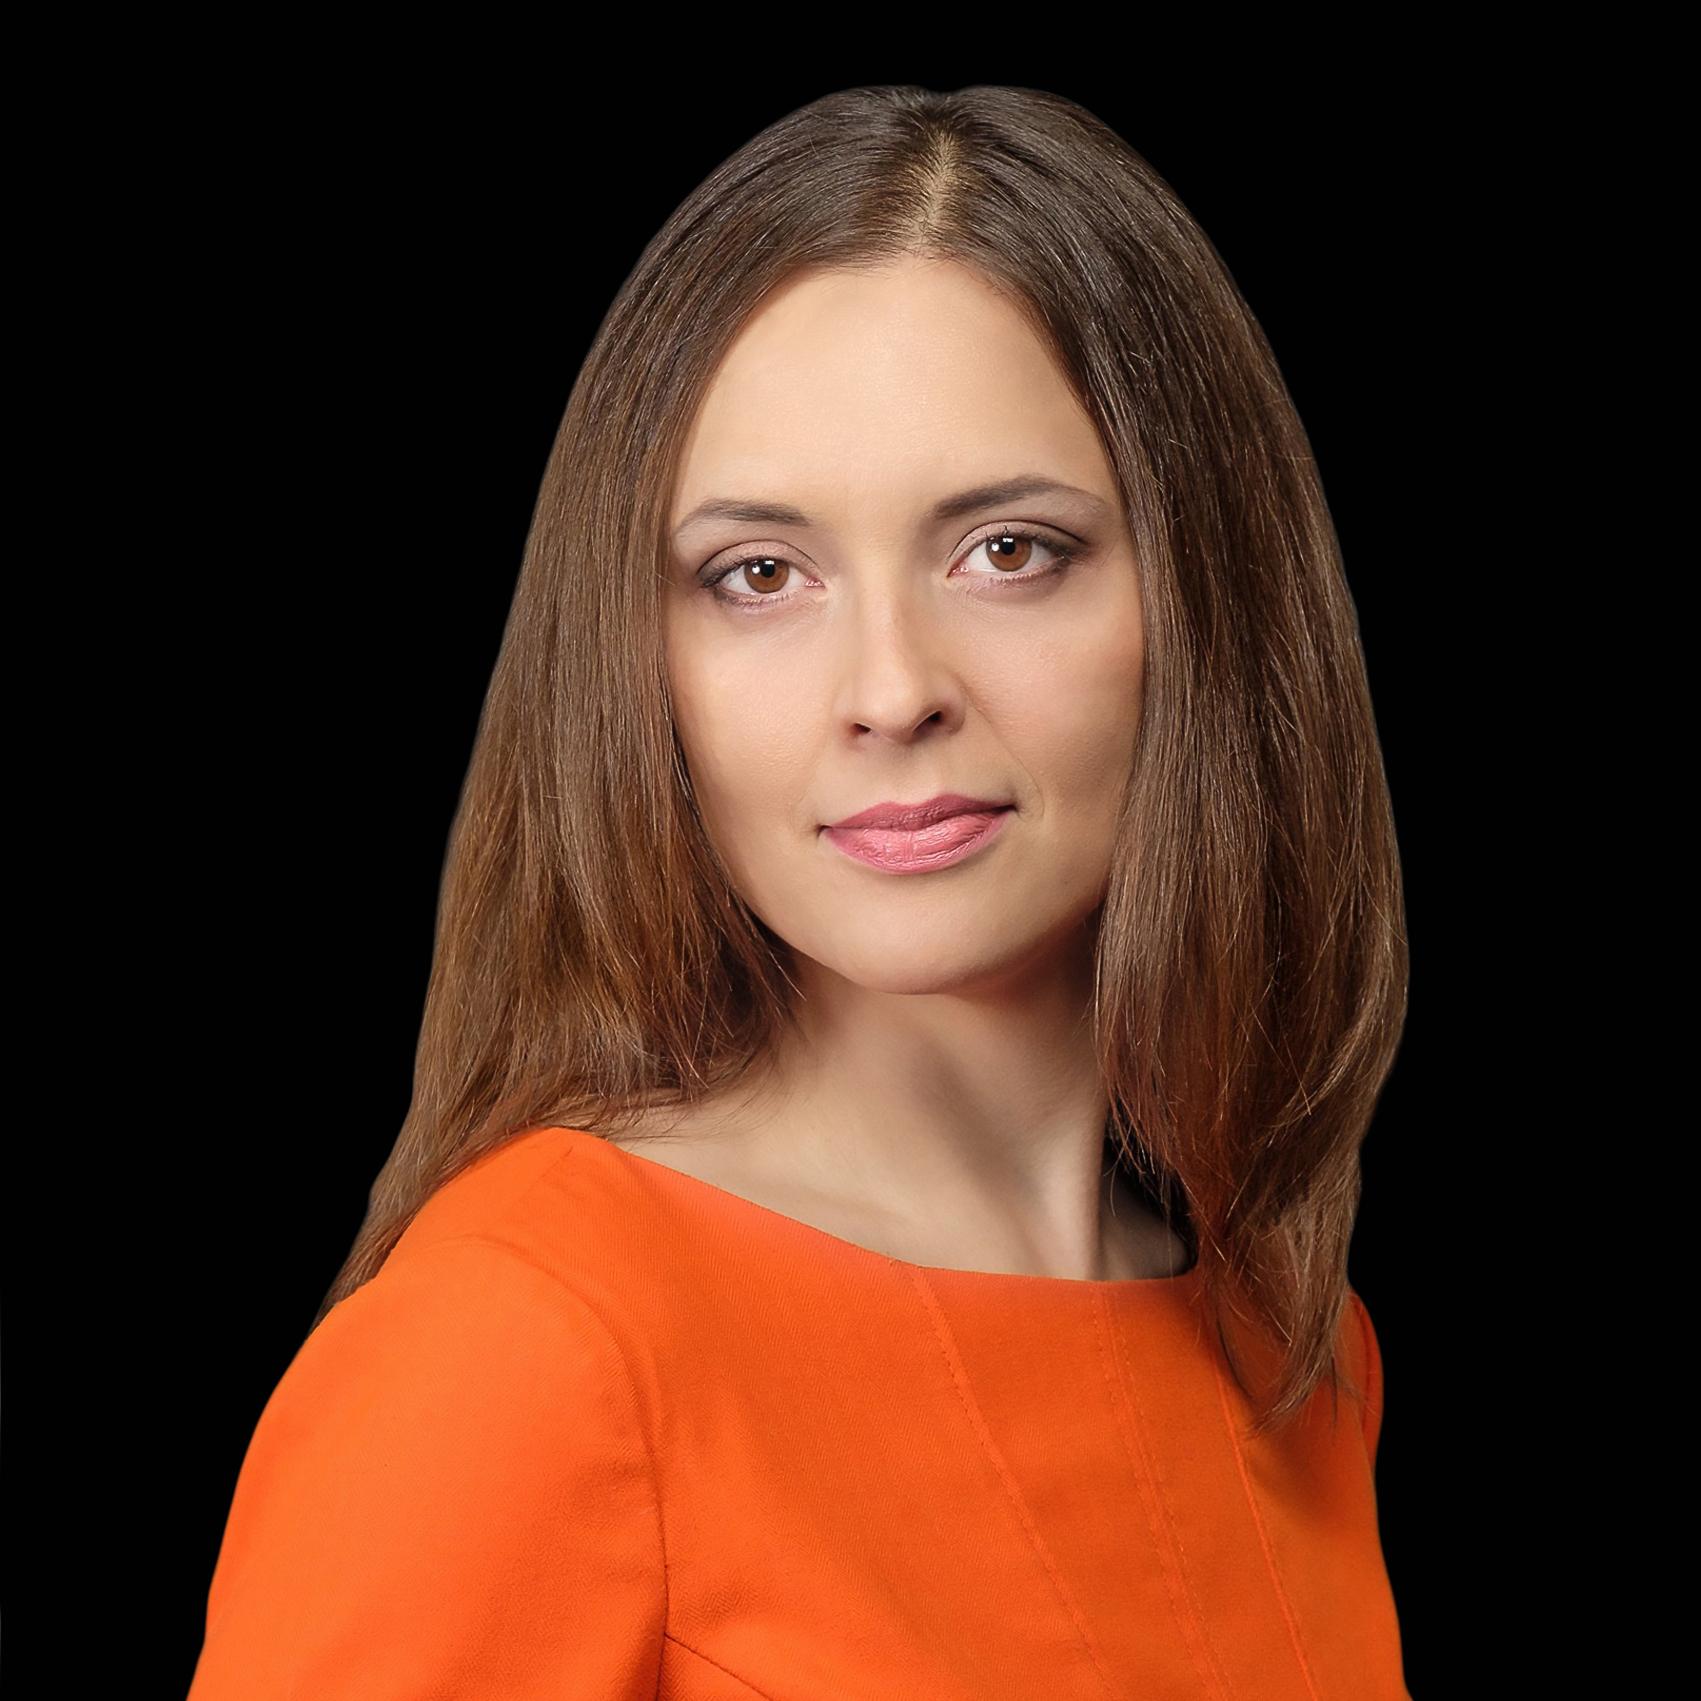 Laura Erkske